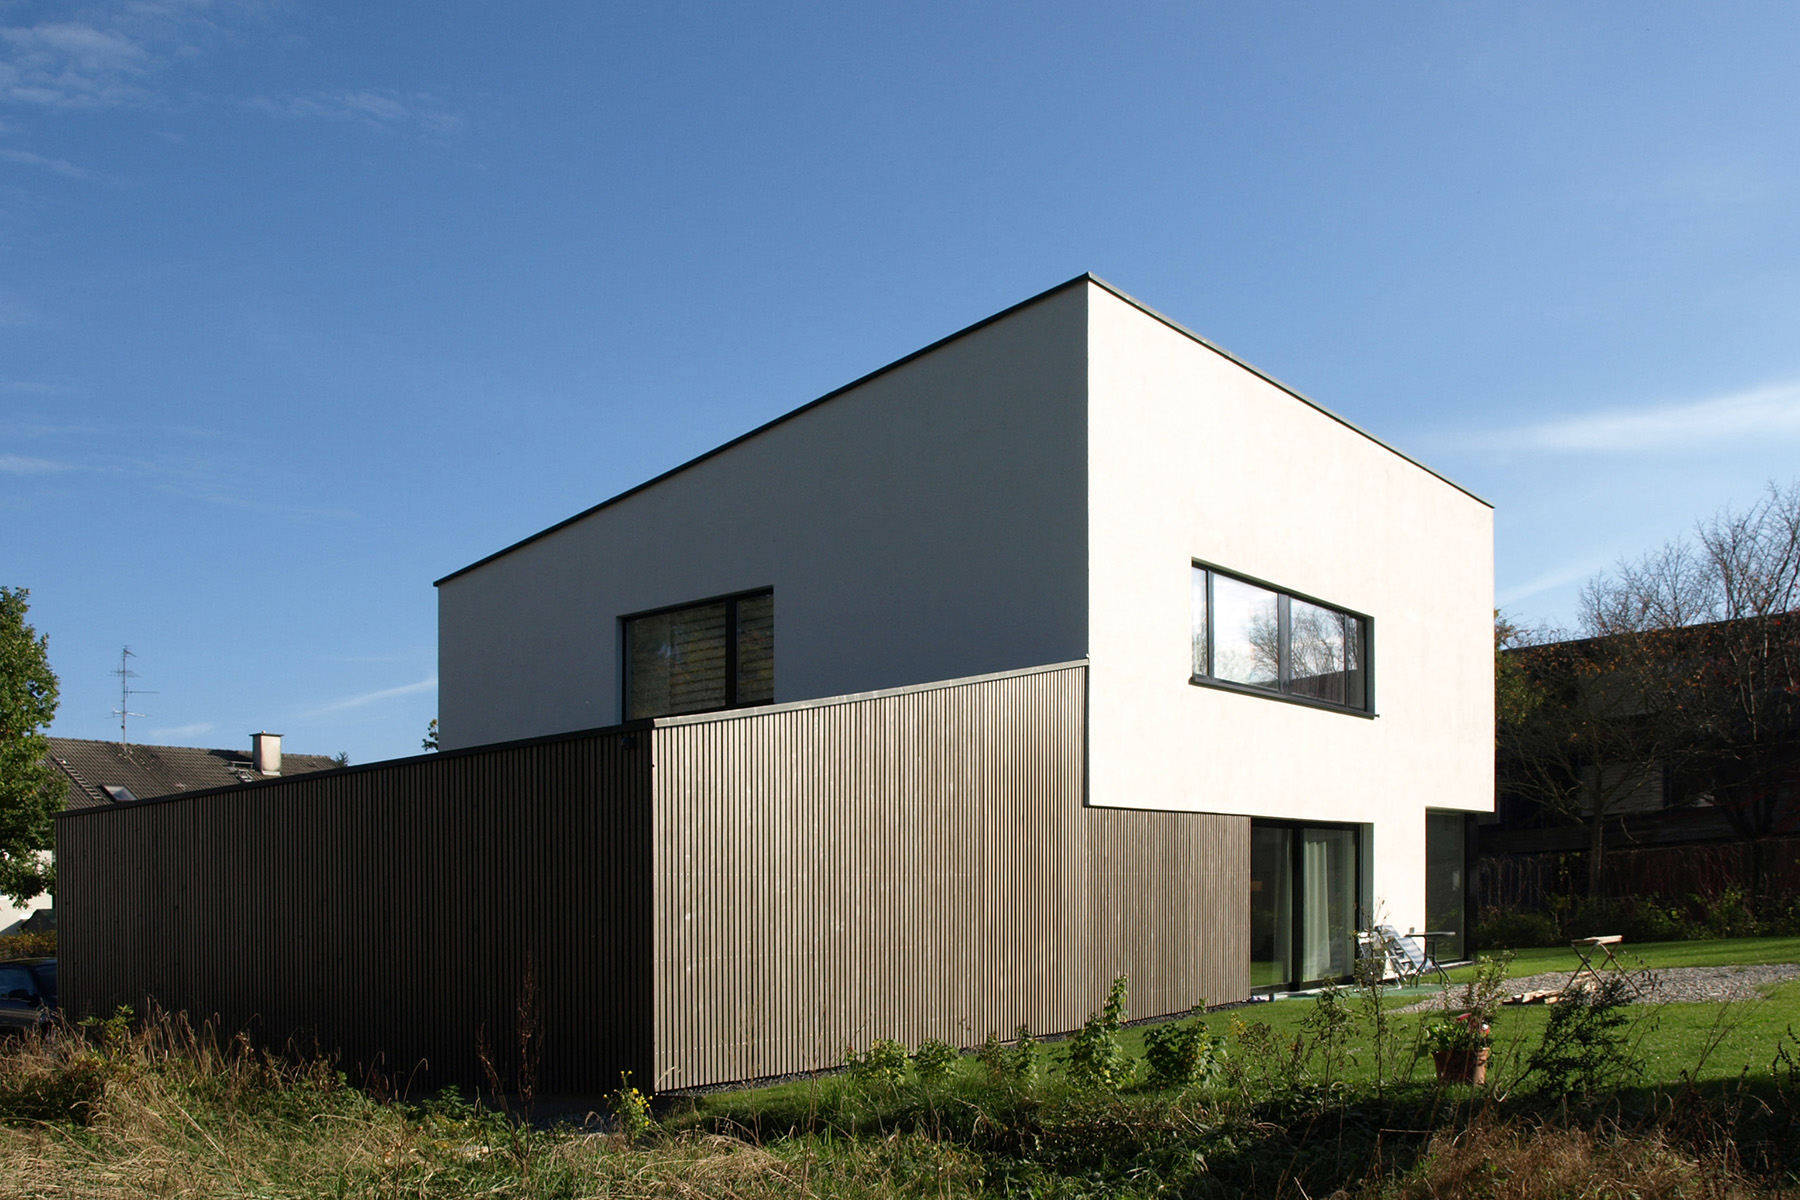 modernes einfamilienhaus viktor filimonow architekt in m nchen. Black Bedroom Furniture Sets. Home Design Ideas